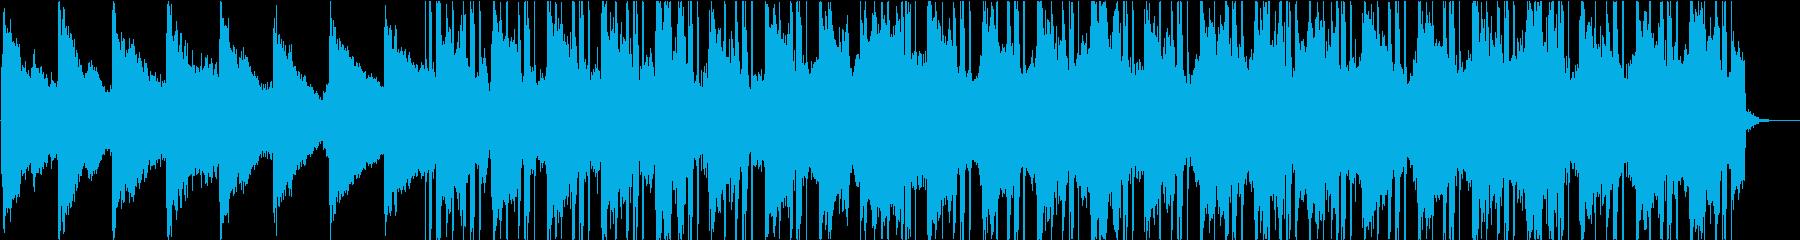 暖かいローファイサウンドビートの再生済みの波形